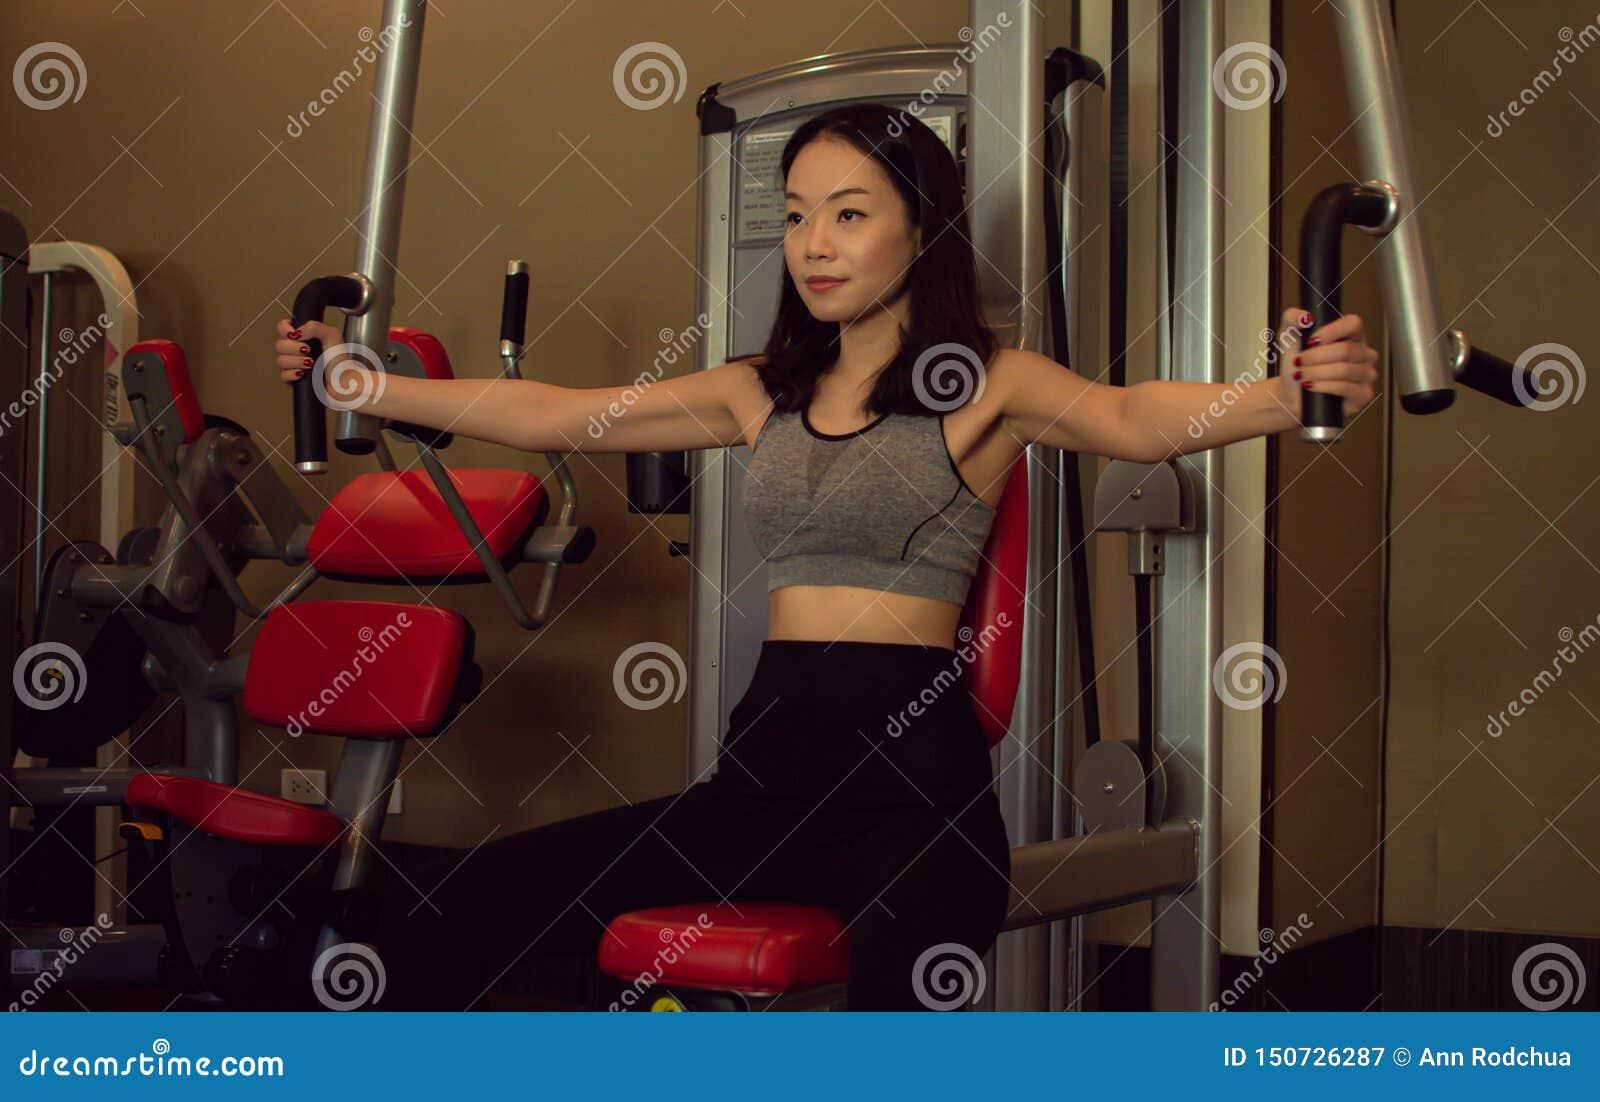 Een Aziatische mooie vrouw leidt in de gymnastiek op